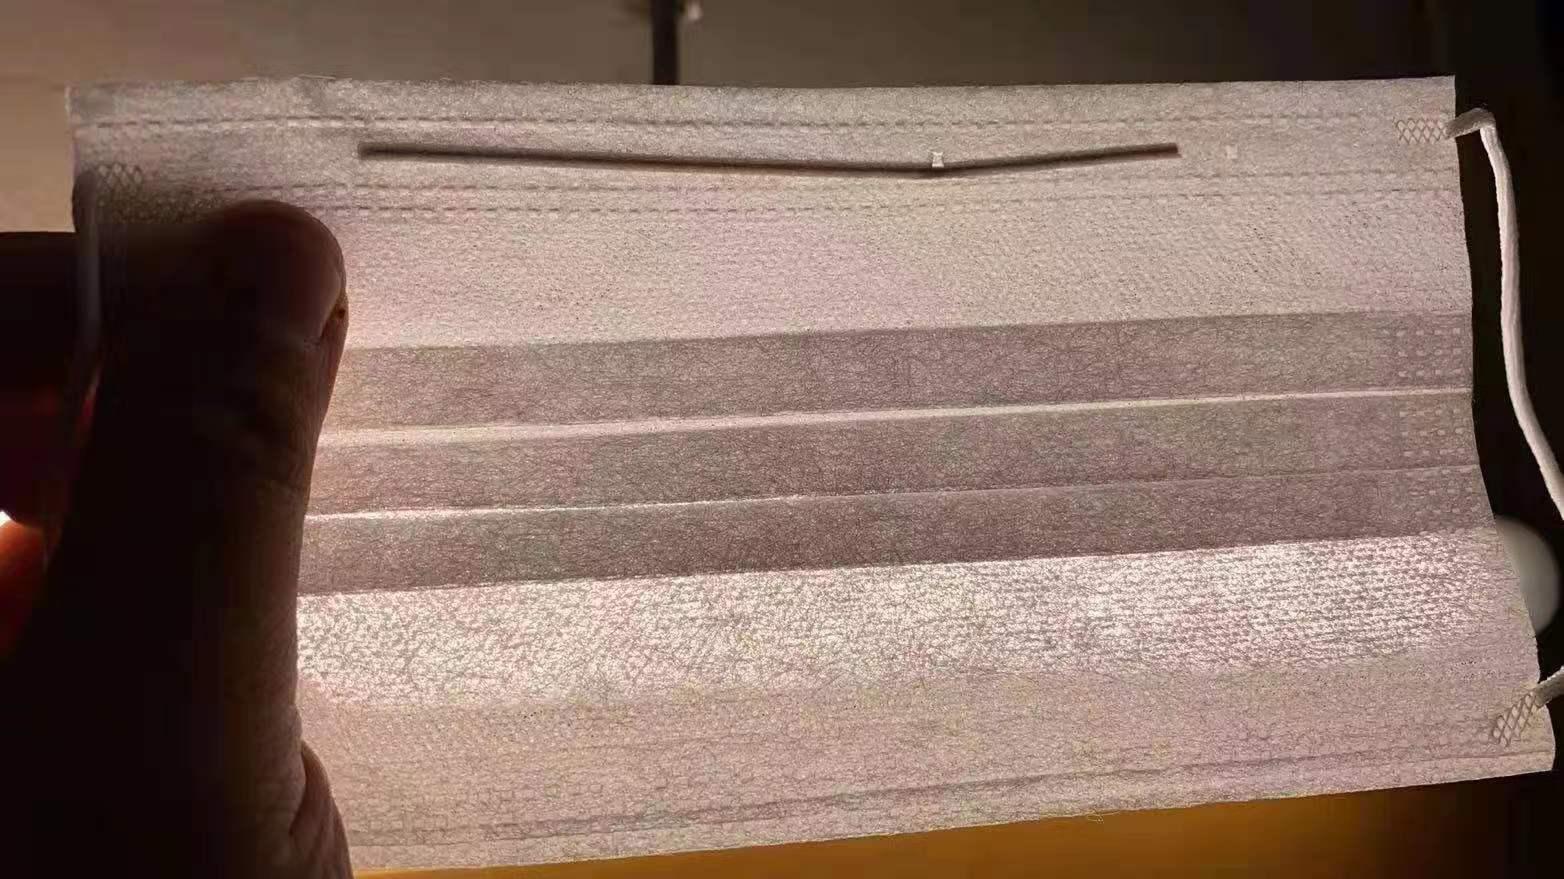 湖南祁东一药店疑捐给卫健局假劣口罩:已用完,本地正观察